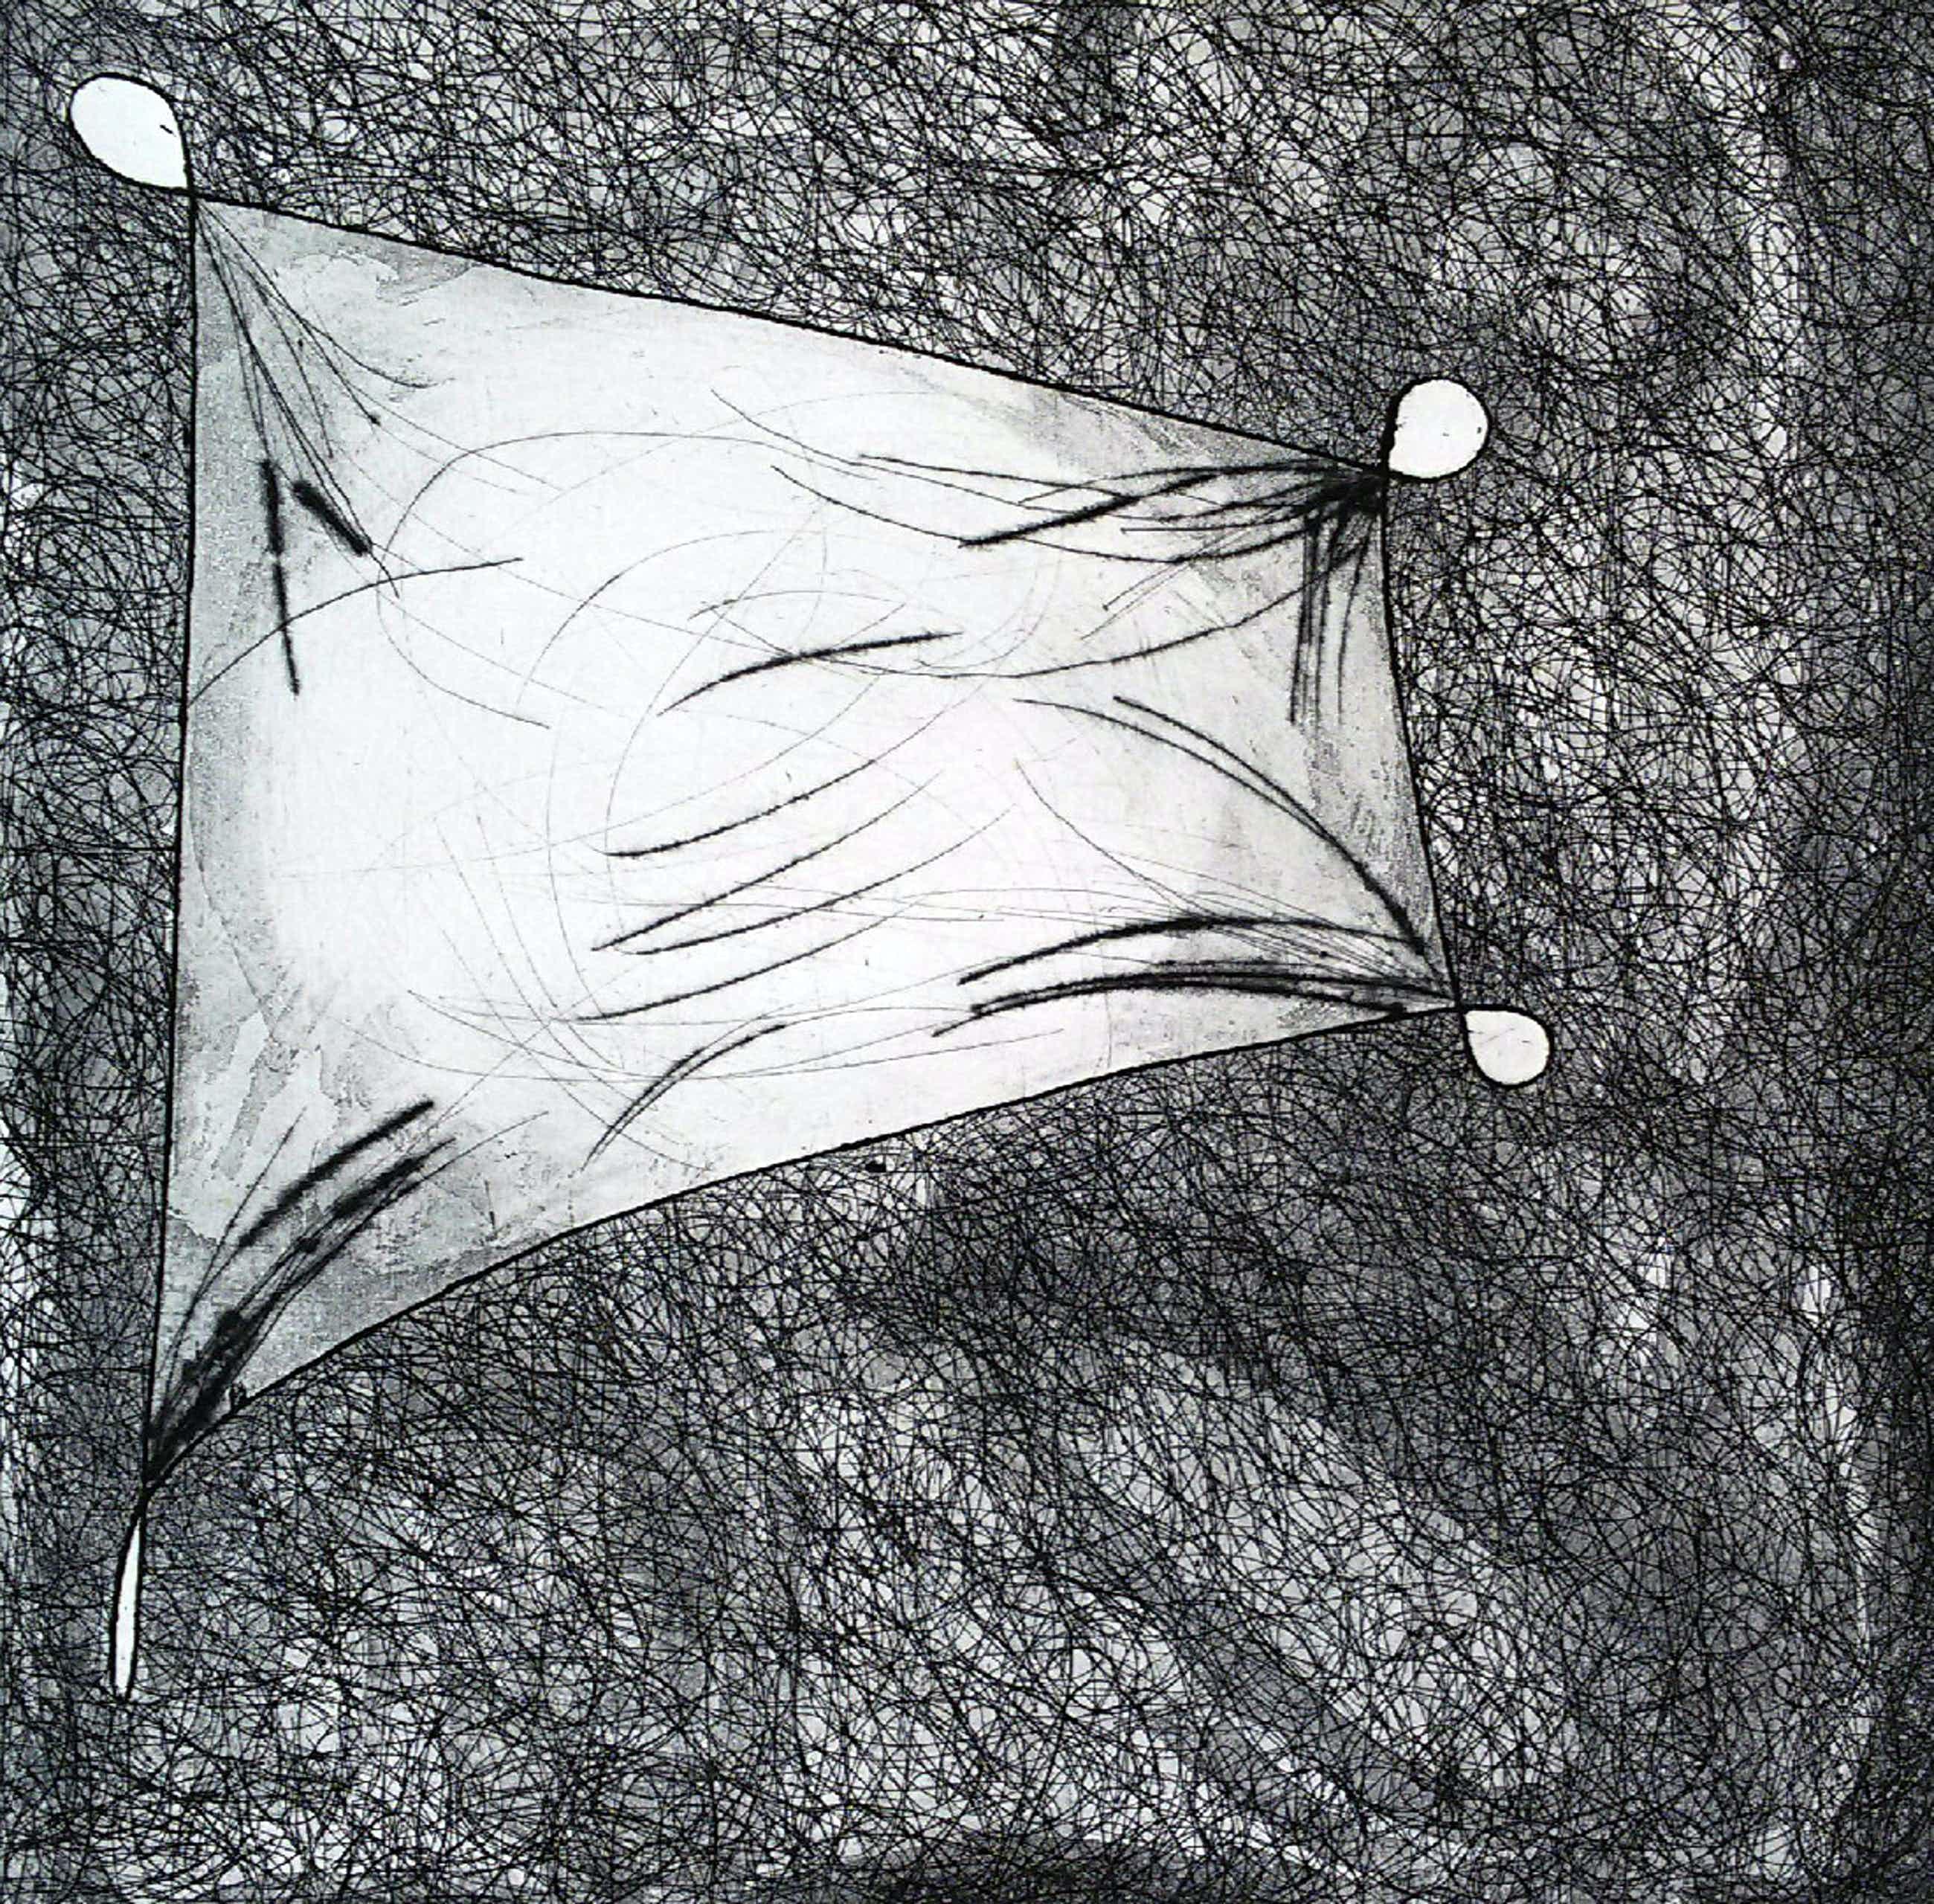 Henny van Leeuwen - Abstracte compositie, ets kopen? Bied vanaf 30!